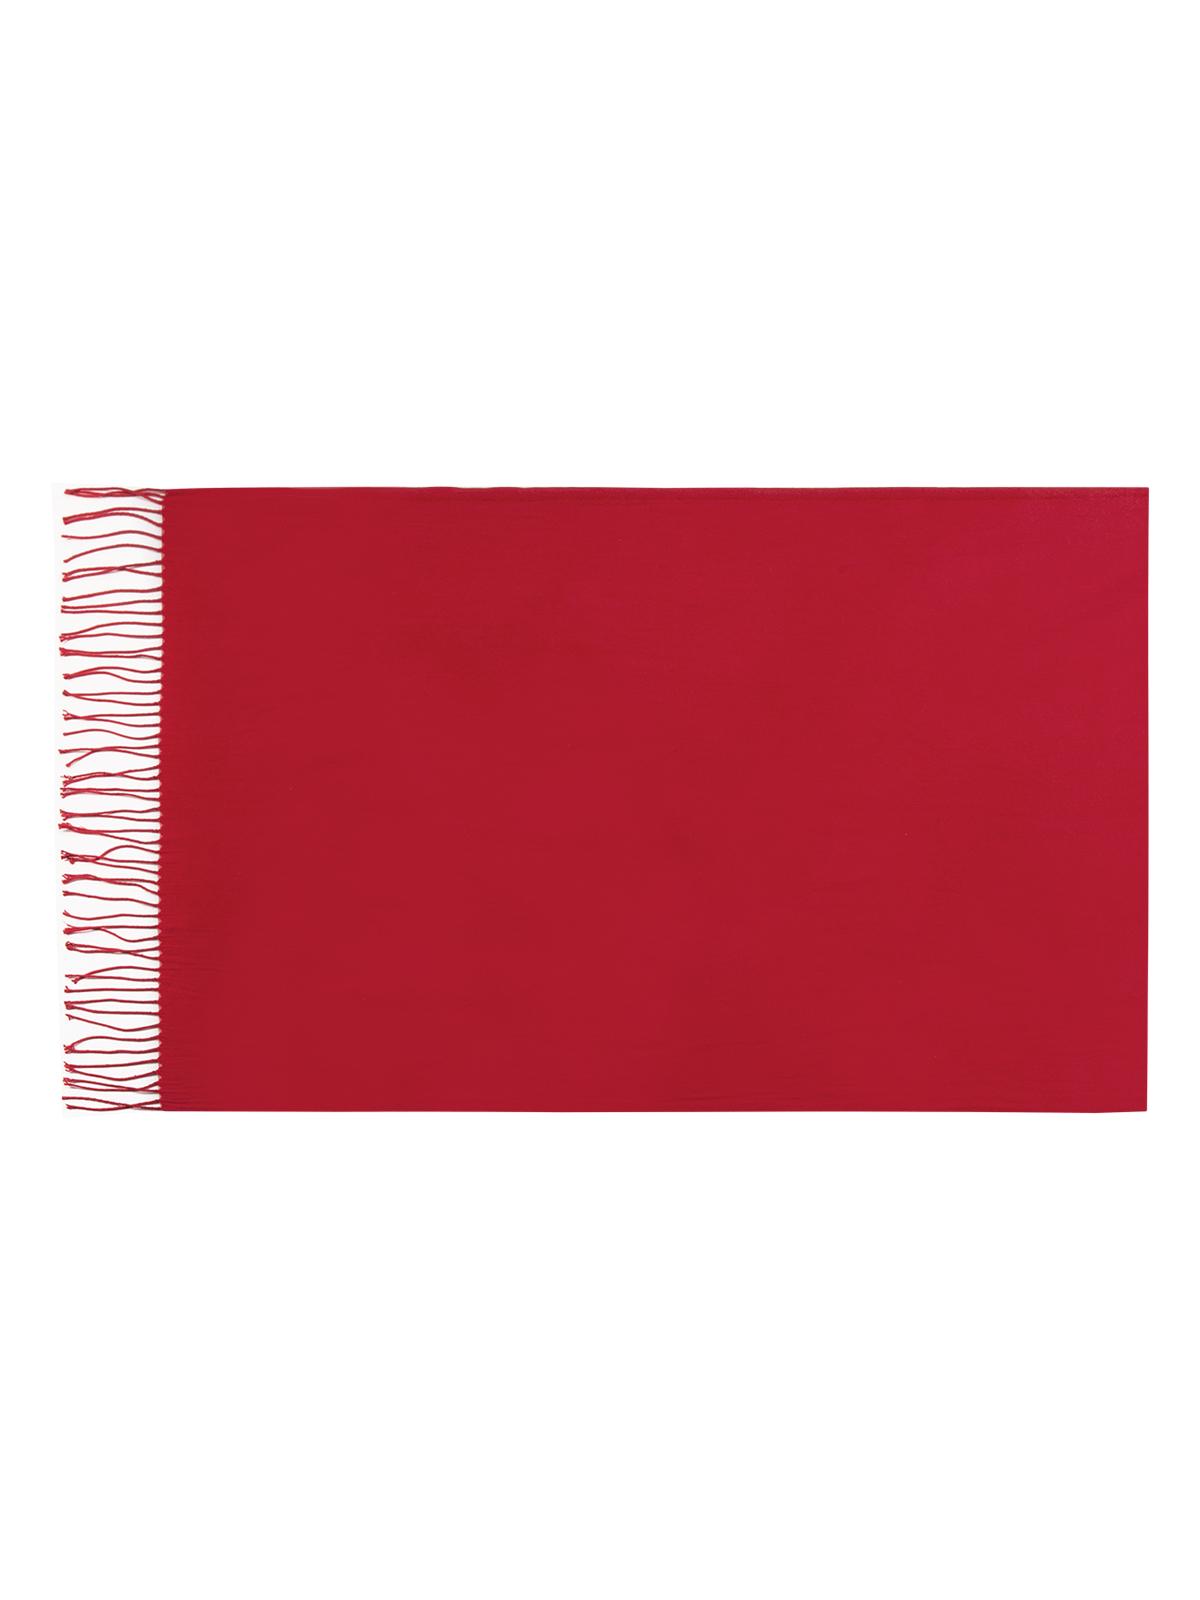 Палантин Eleganzza, цвет: красный. SZ23-0629. Размер 60 см х 180 смSZ23-0629Теплый палантин Eleganzza, изготовленный из хлопка с добавлением шерсти, мягкий и приятный на ощупь.Изделие выполнено в однотонном лаконичном цвете. По краям модель оформлена бахромой.